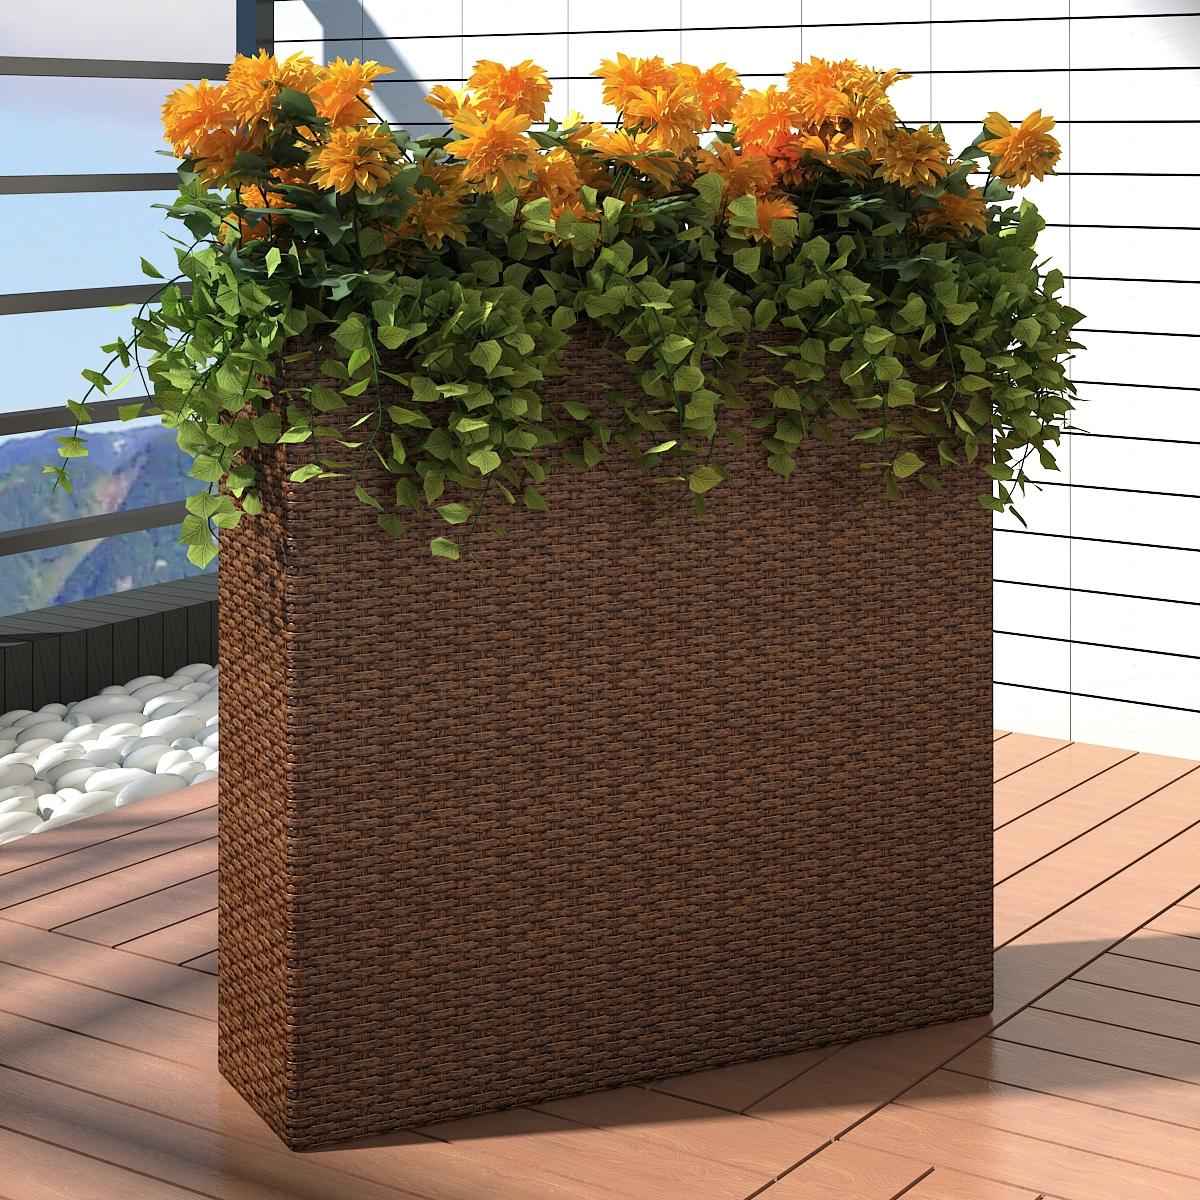 Bacs Pots de Fleurs en Rotin Cache pot pour jardin Bac a fleurs